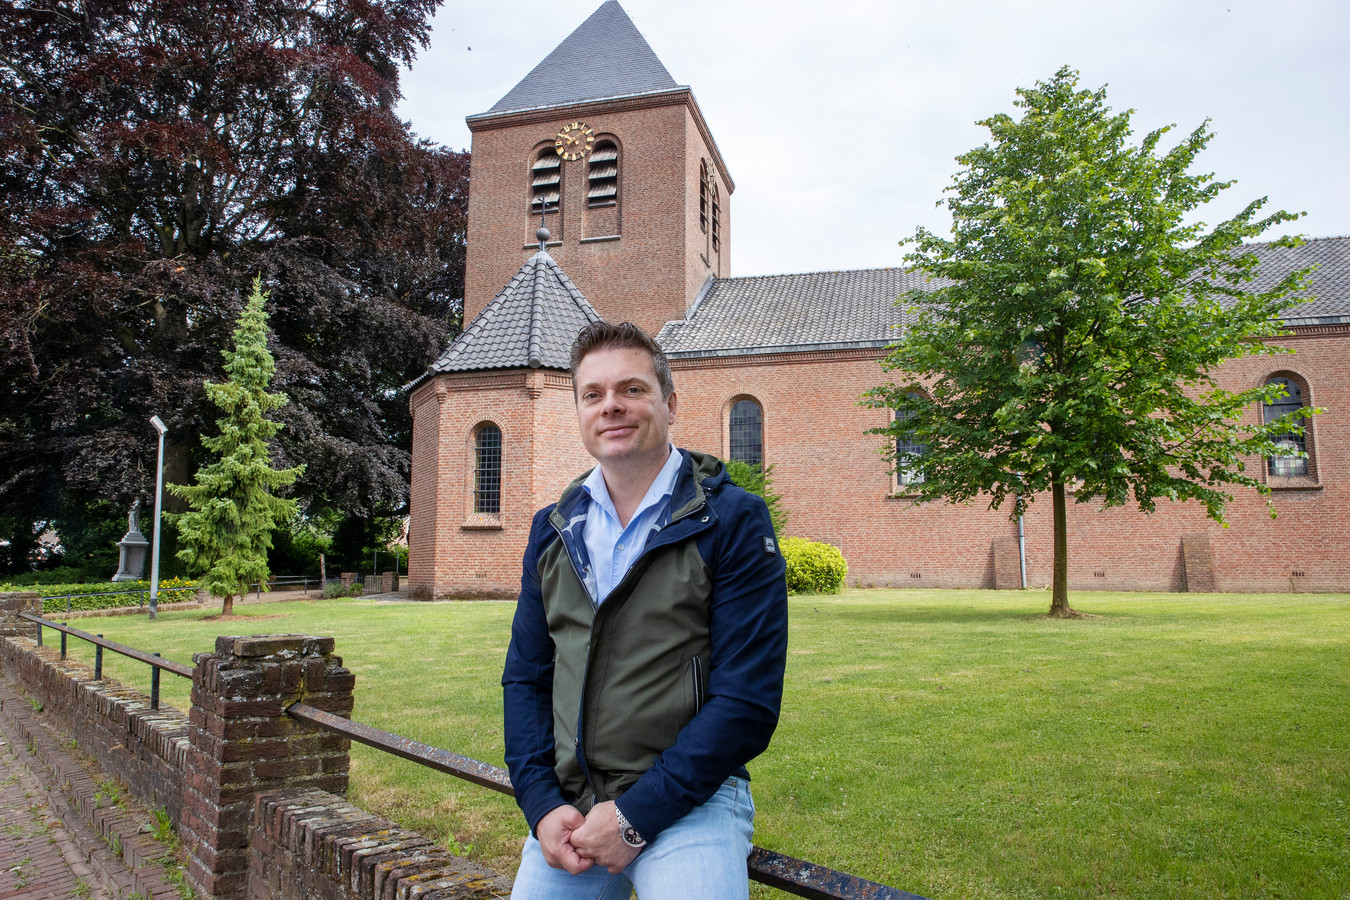 Koen Waijers ziet perspectieven voor de Ollandse kerk met behoud van historische elementen.